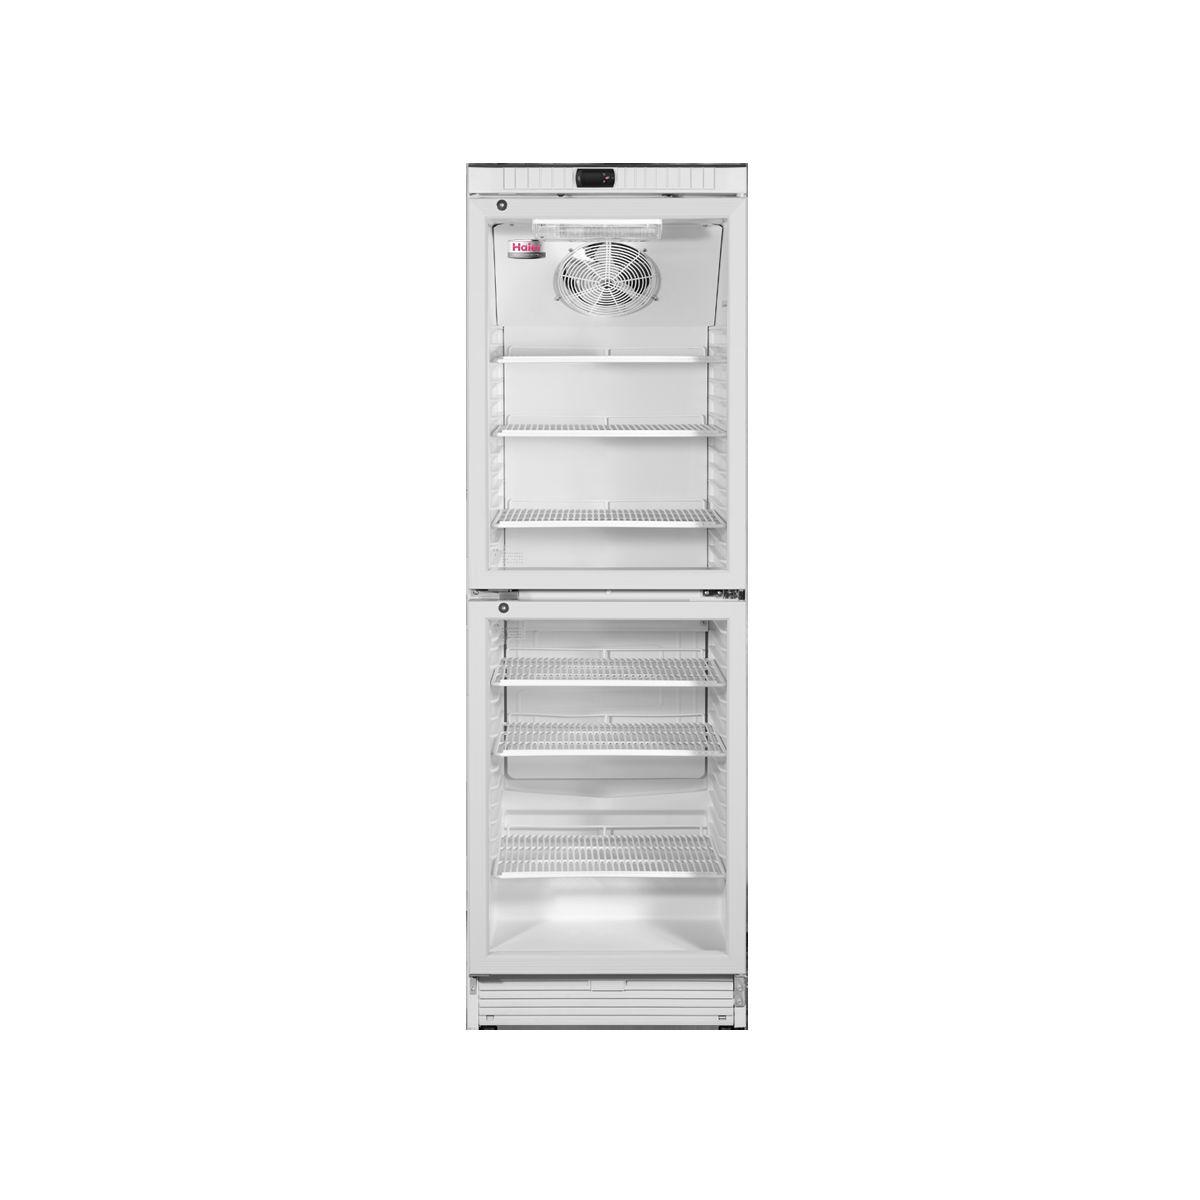 温度传感器&; hyc-326a医用冷藏箱2~8℃ 青岛海尔 市场价:00元; 温度